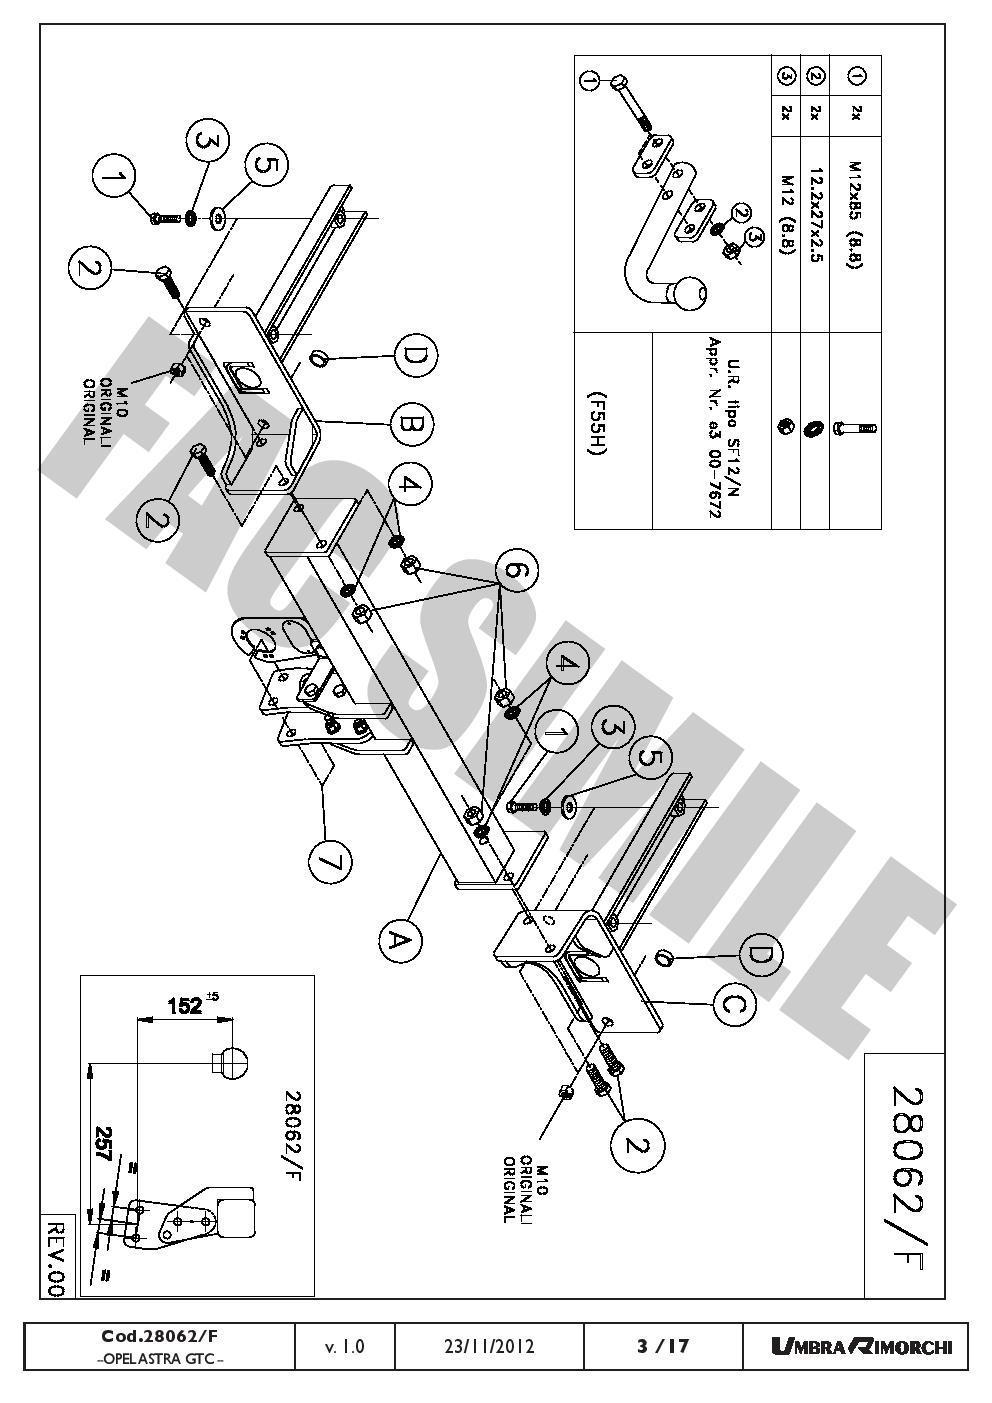 Attelage Col Cygne Faisceaux 7 Br pour Opel Vectra-C Break 02-on 28052//F/_E1